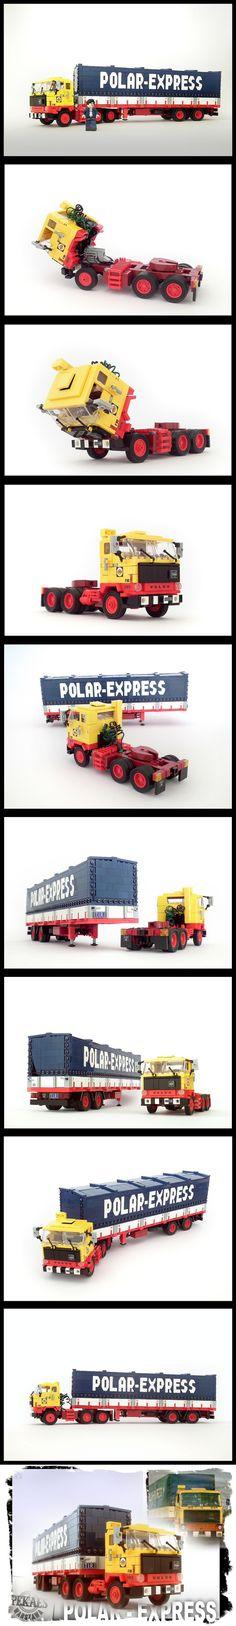 Volvo F89 + Polar-Express trailer #LEGO #Volvo